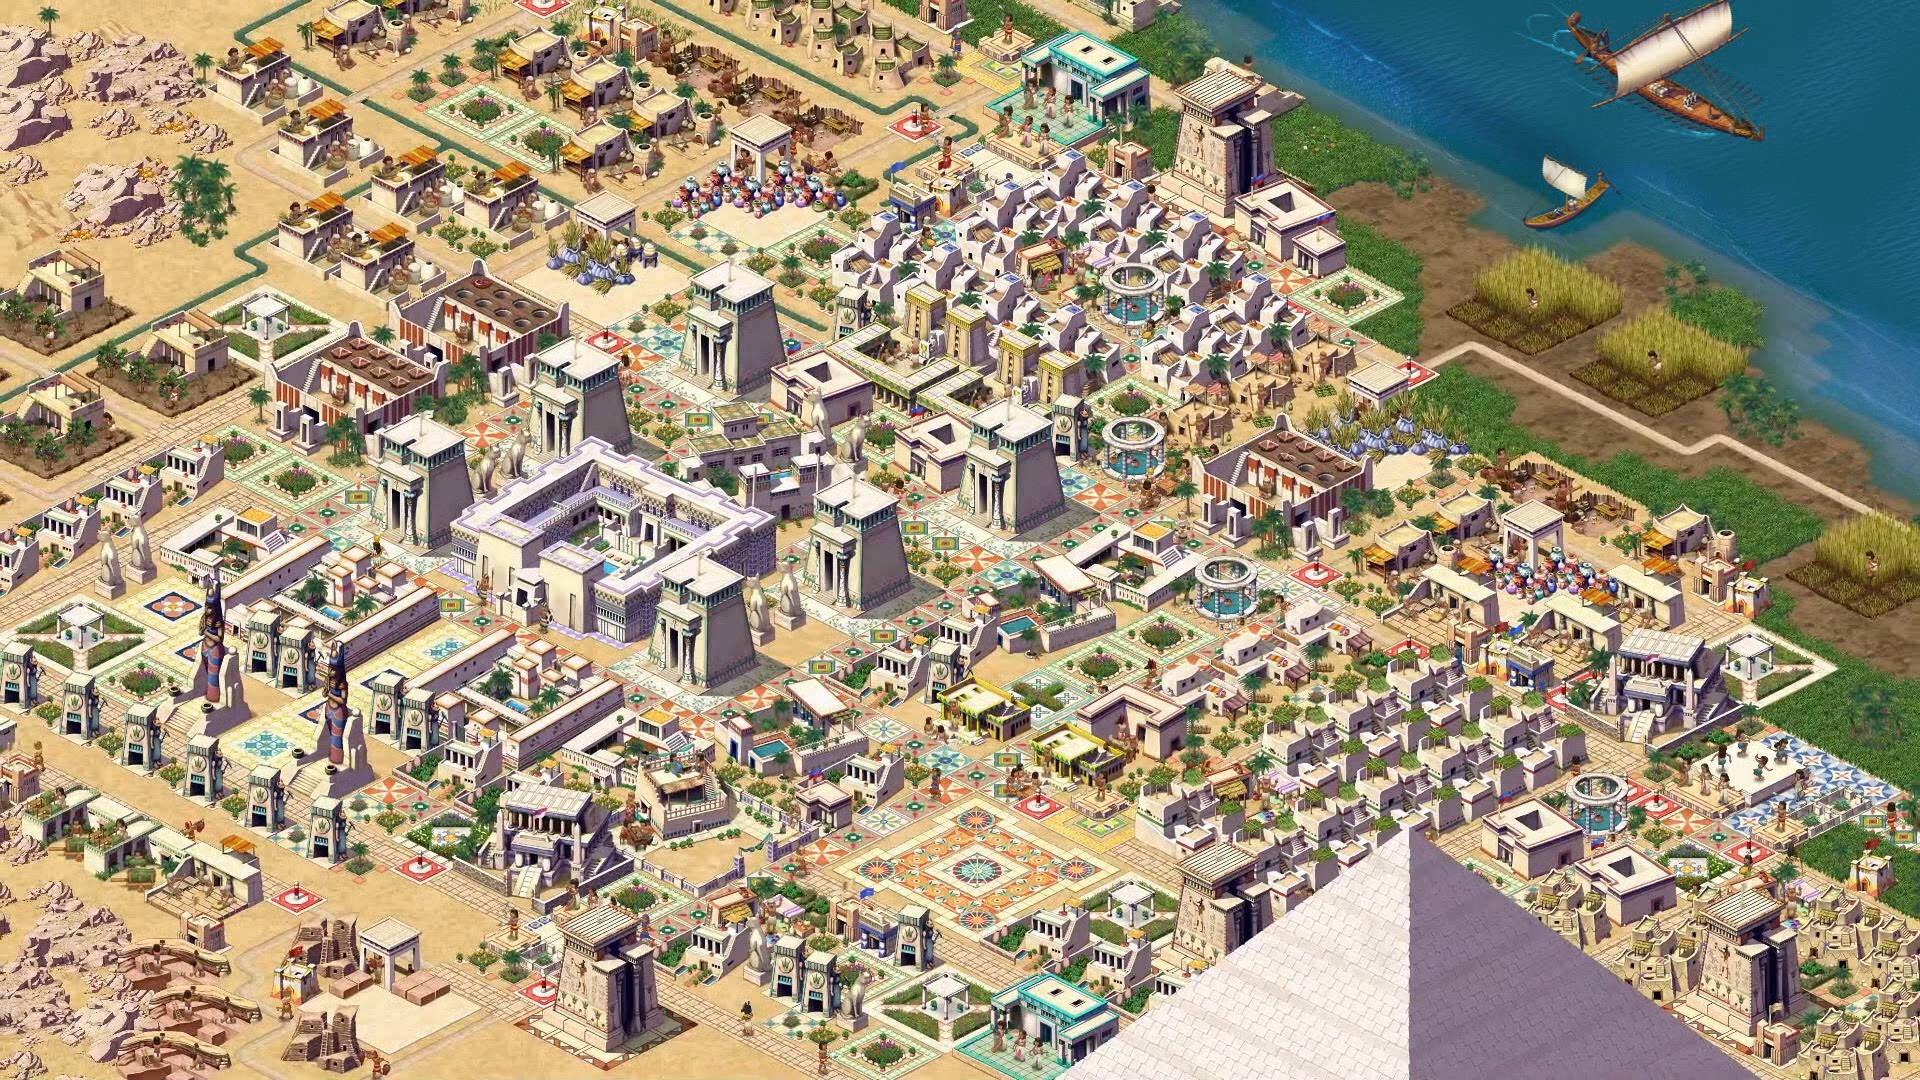 Faraon powraca! Pharaoh: A New Era  zmierza na PC i będzie dostępny na platformie GOG.com